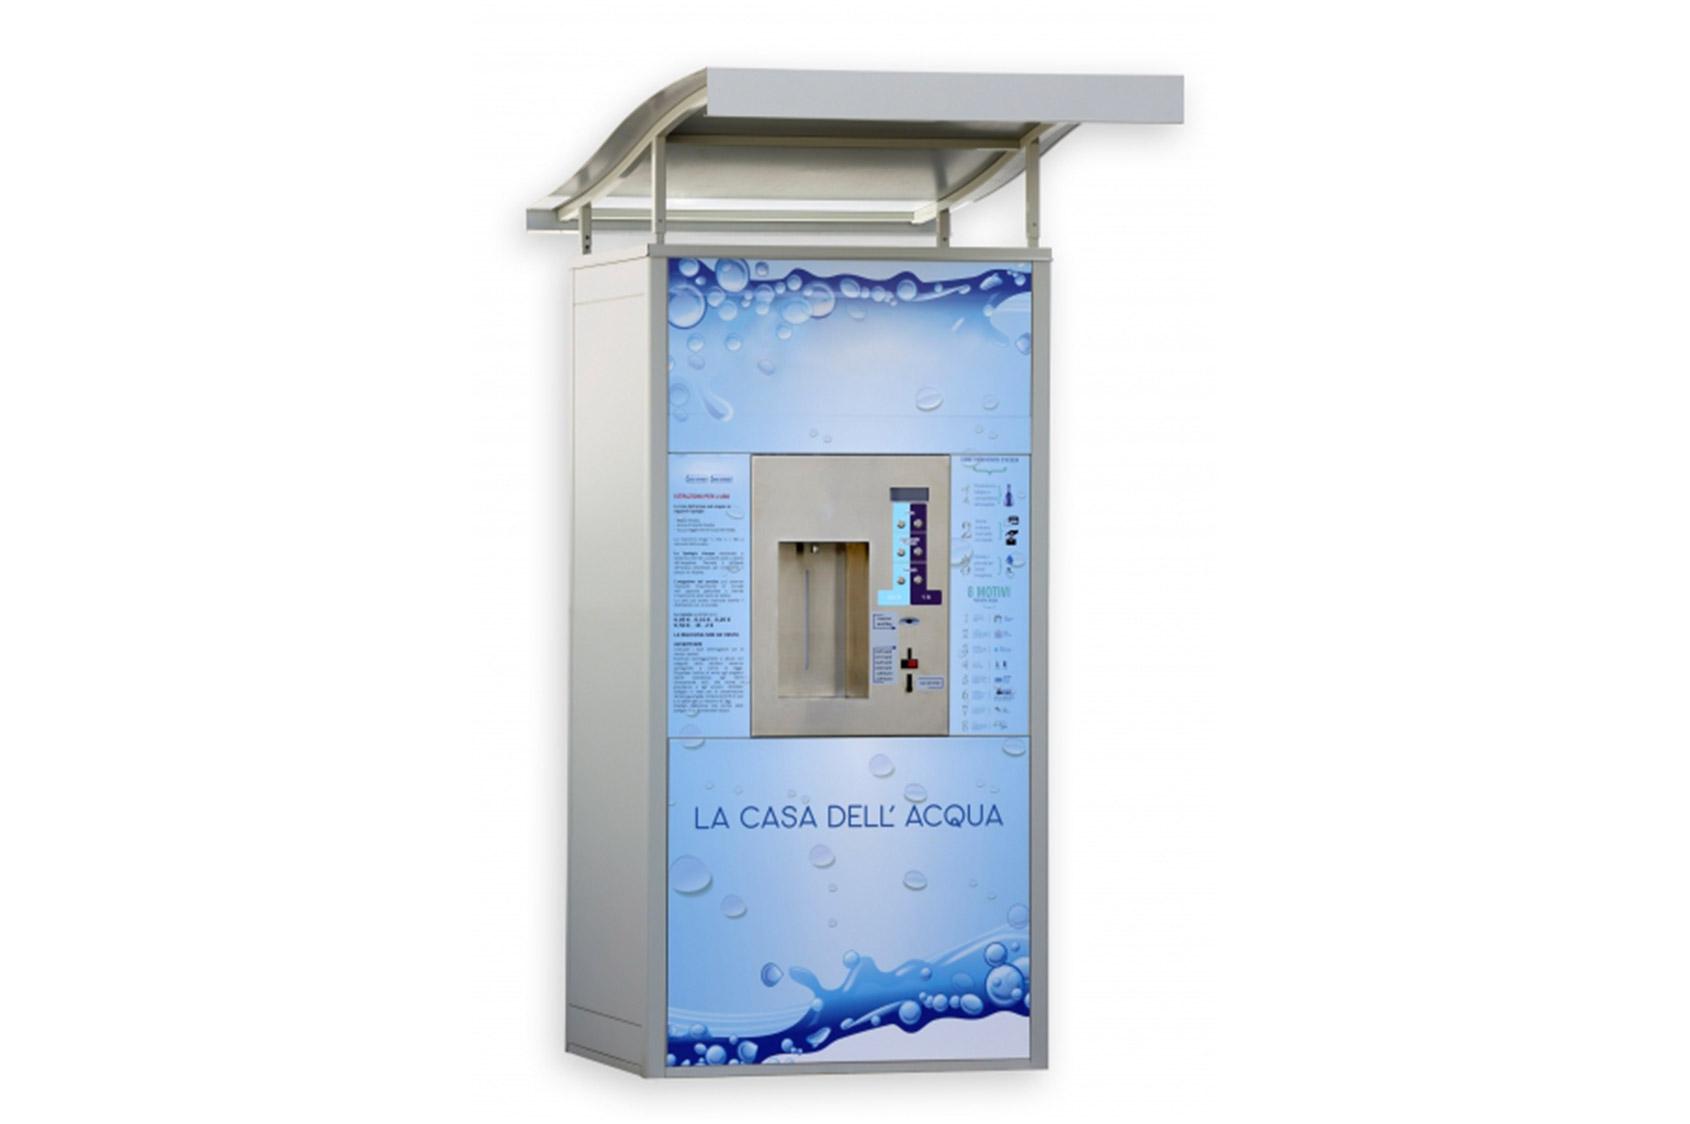 Casette per l'acqua